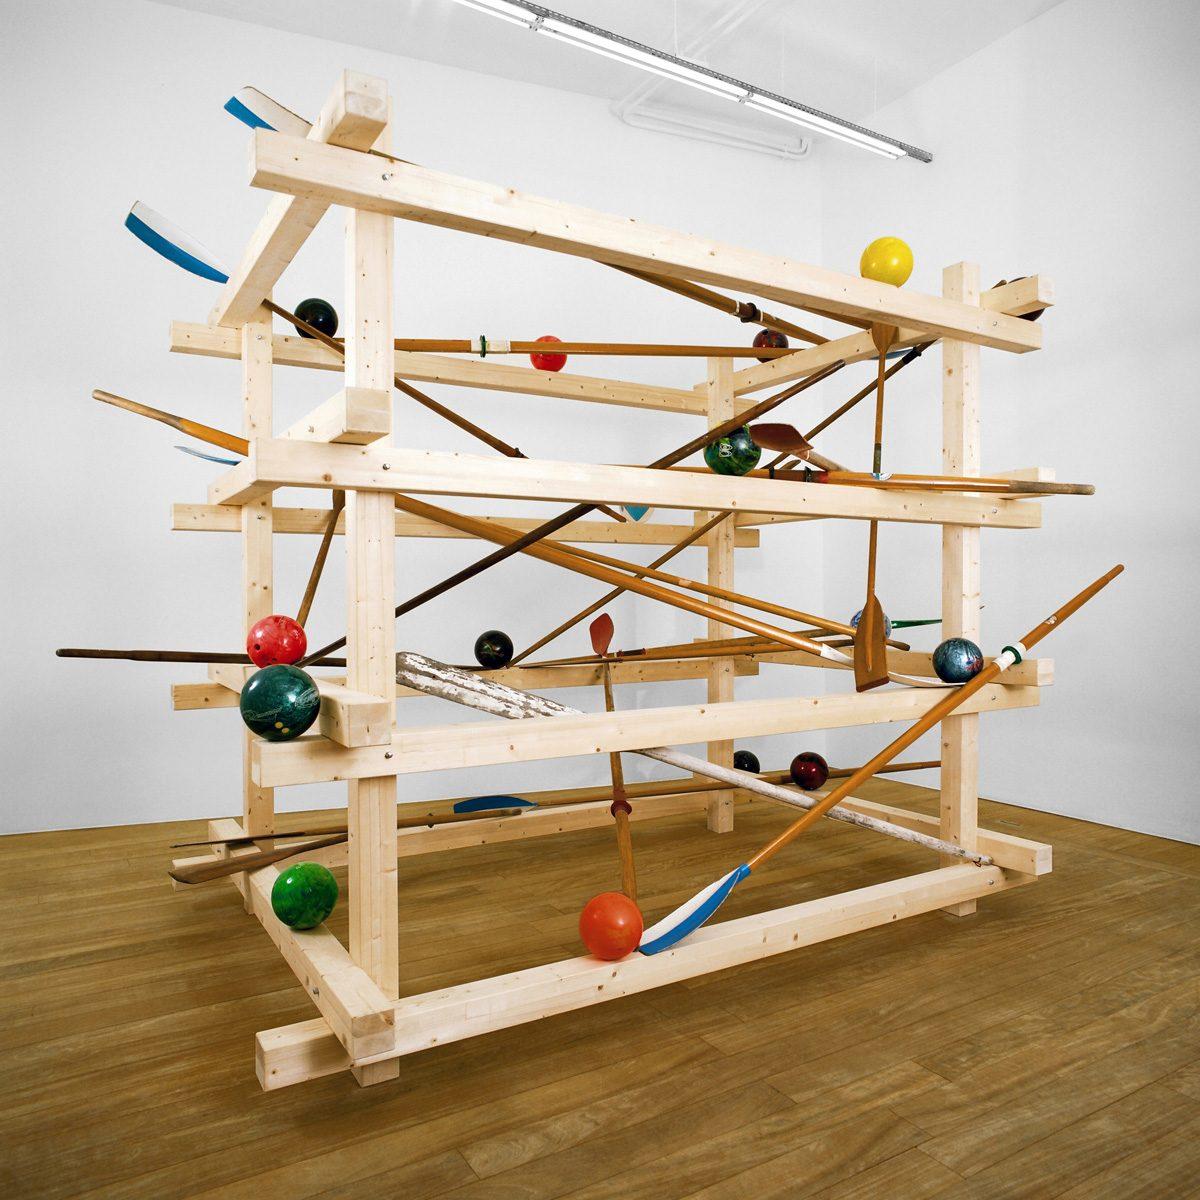 Delphine Coindet courtesy Galerie Laurent Godin, Paris.